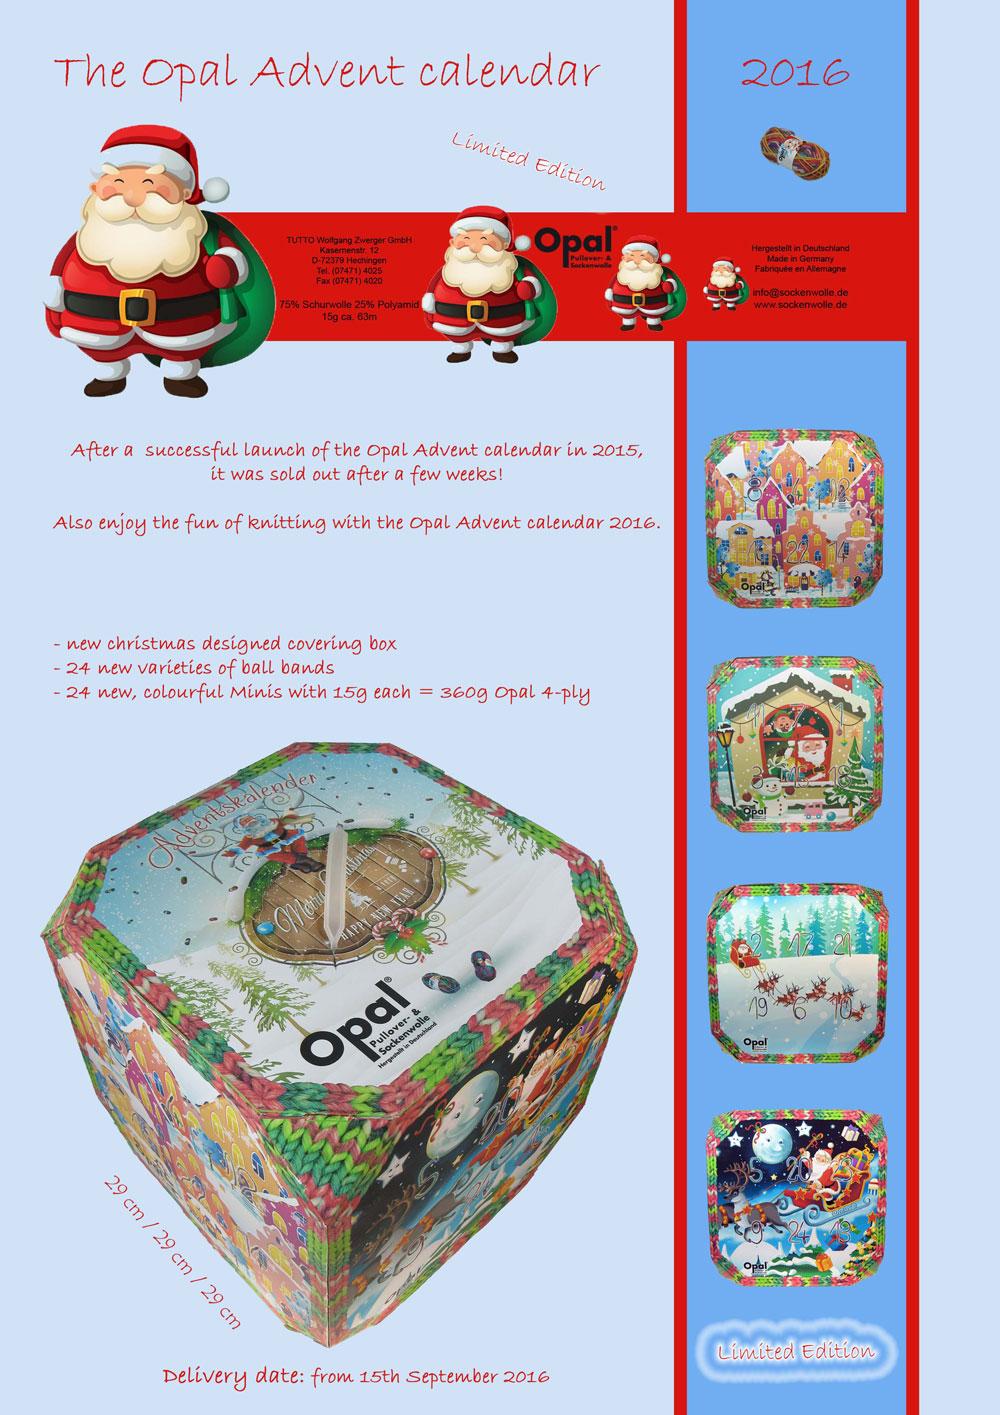 opal strømpegarn julekalender 2016